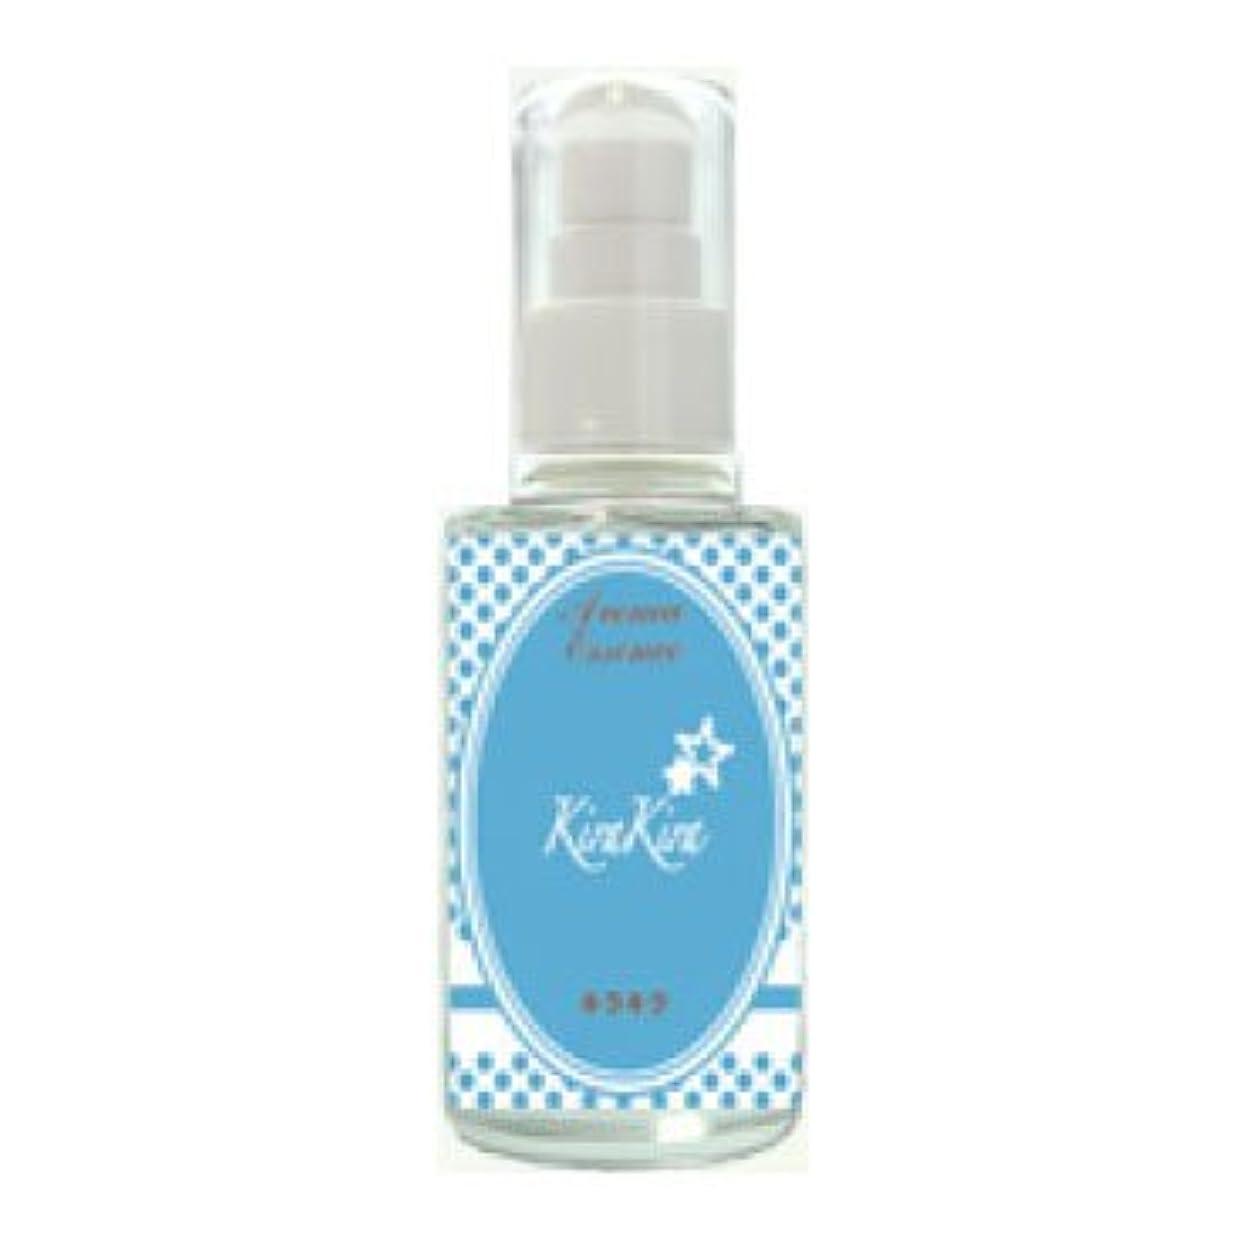 病気の活気づくプラスAroma Essence アロマエッセンス 香水系 06 キラキラ 50ml